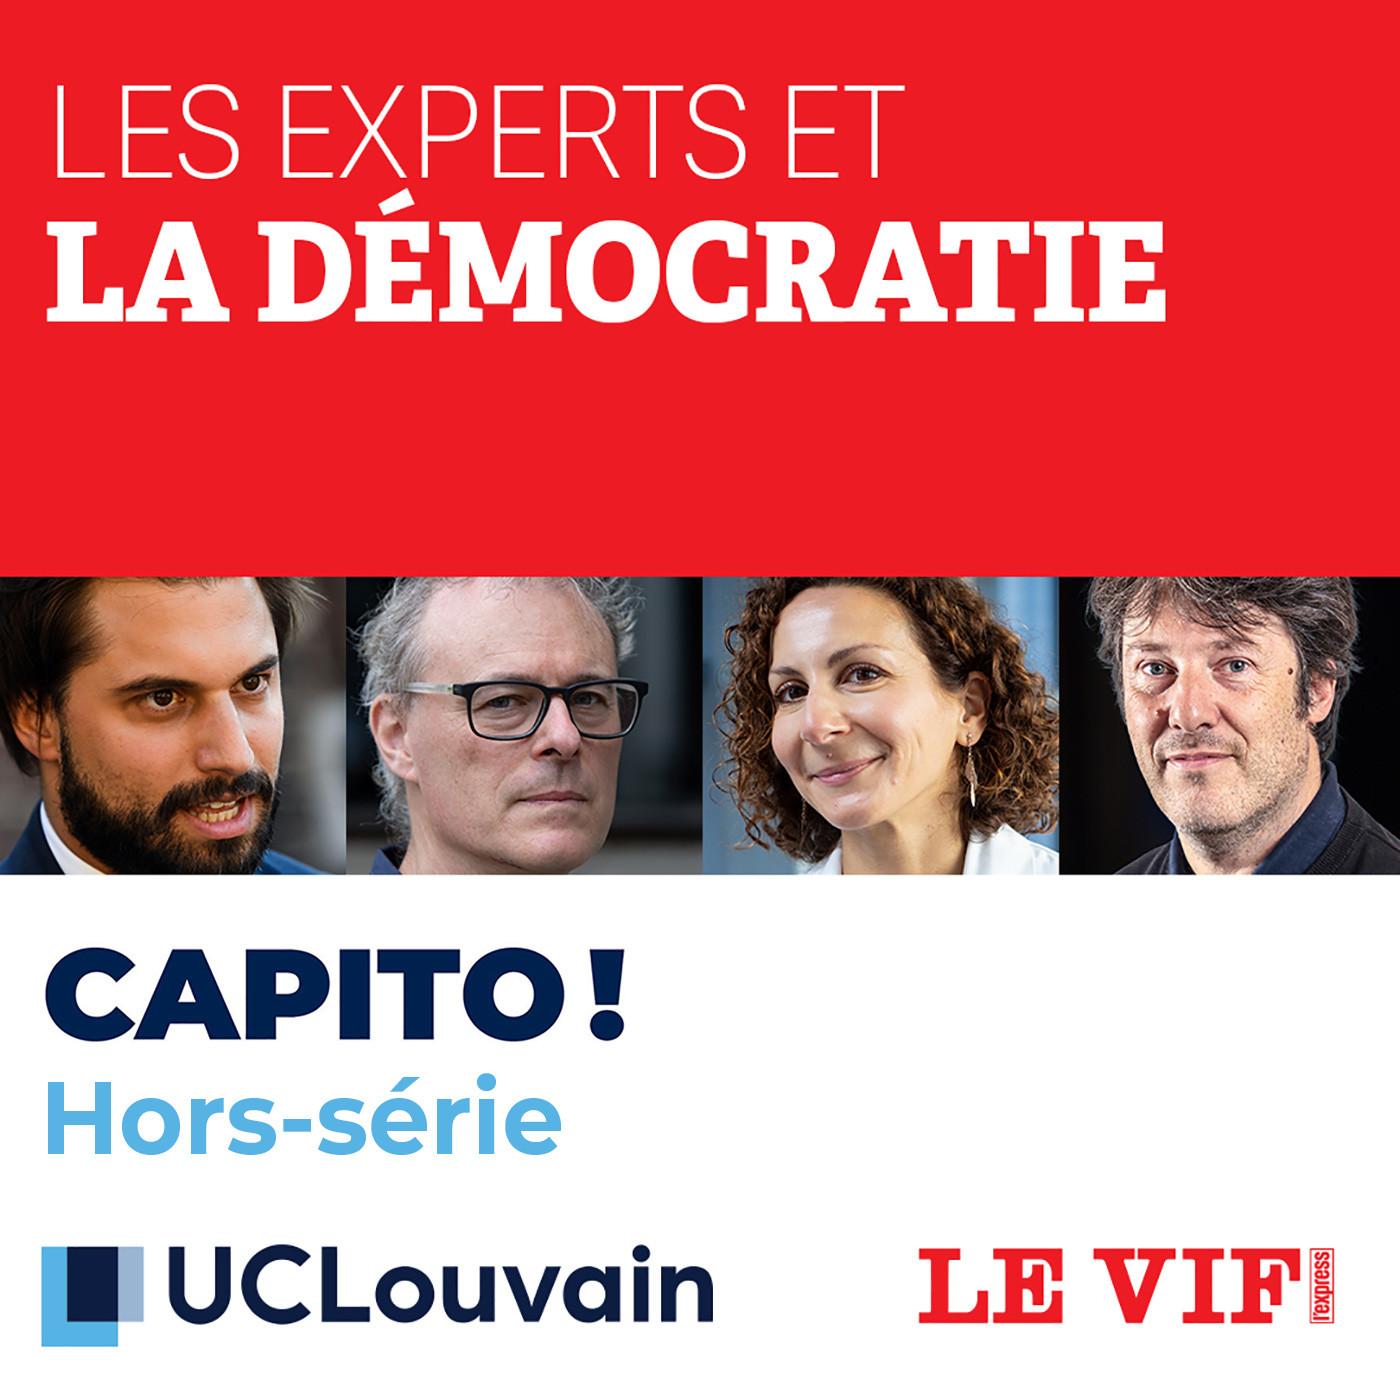 HORS-SERIE - Débat : Les expert·es, une plus-value pour la démocratie ?